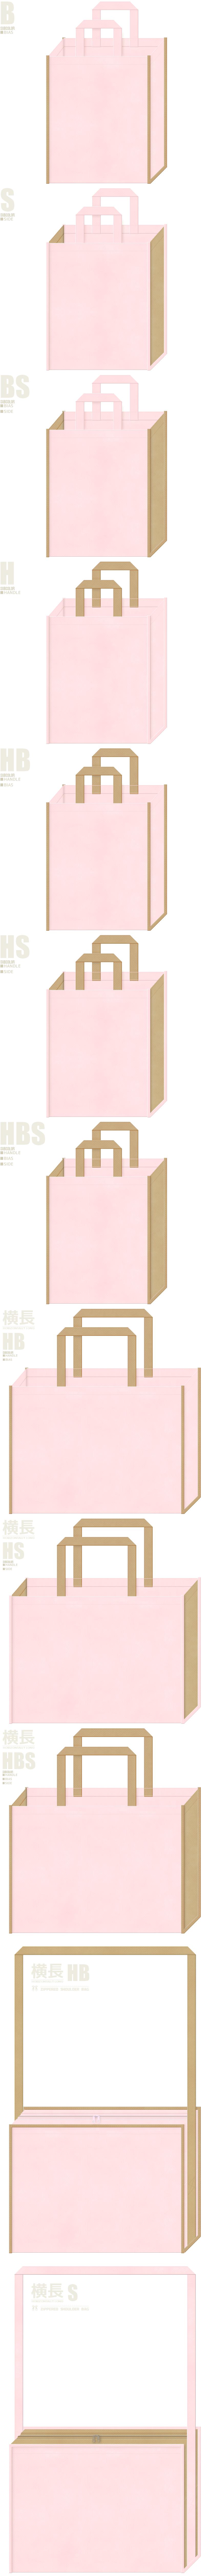 ガーリー・手芸・ぬいぐるみのイメージにお奨めの不織布バッグデザイン:桜色とカーキ色の配色7パターン。